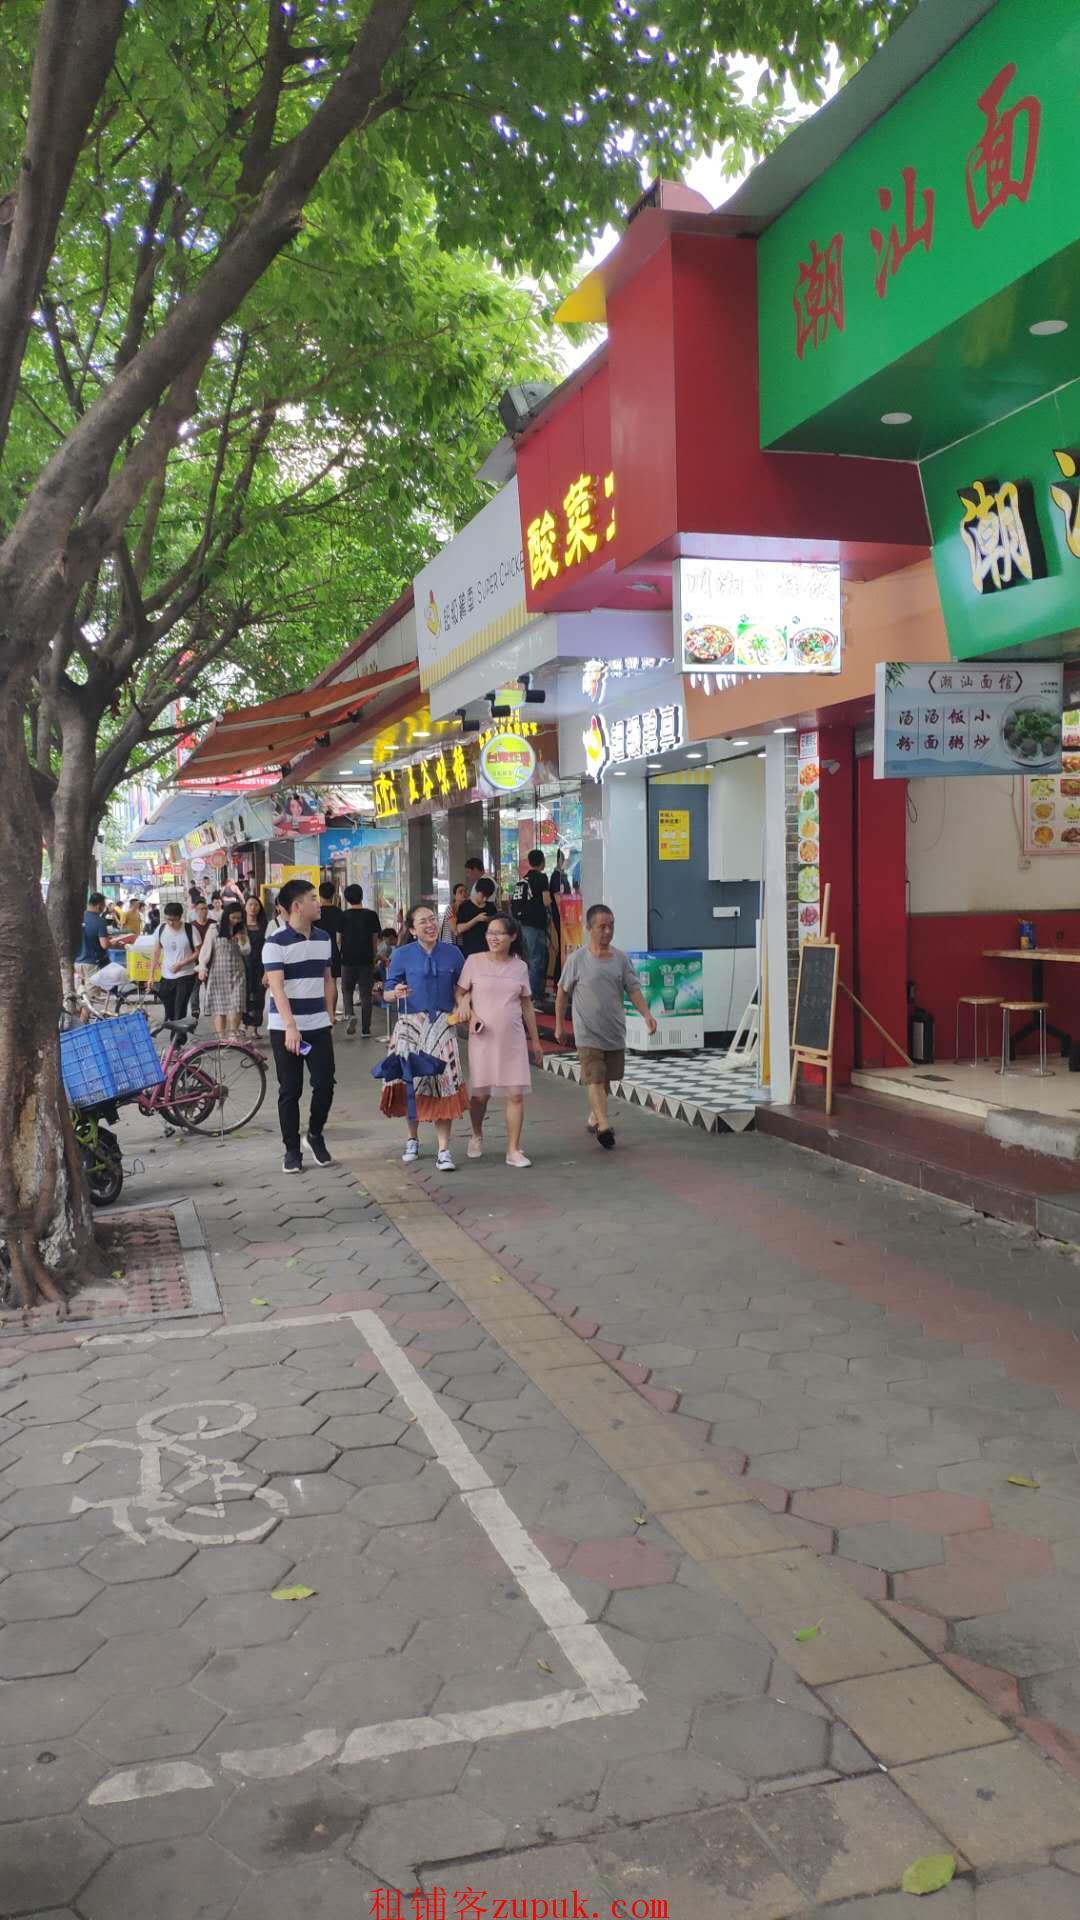 珠江新城 猎德地铁A 85方  人口集中  消费高